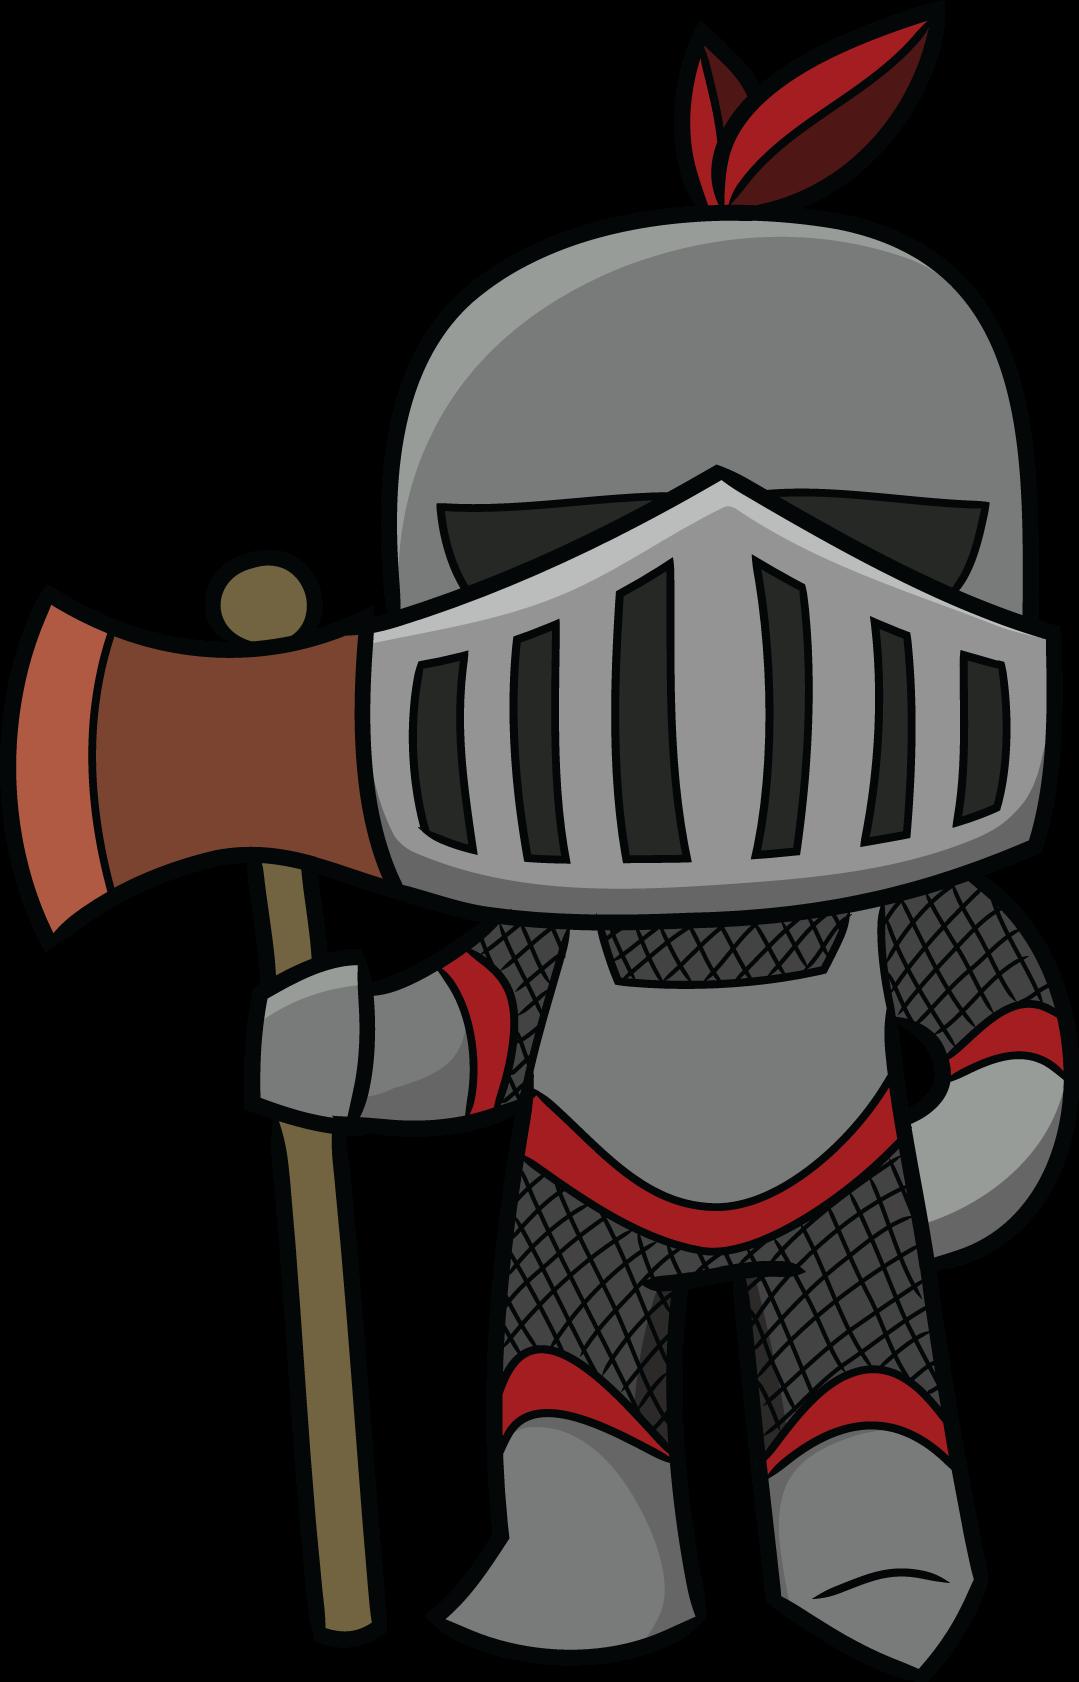 Knight6 clip art